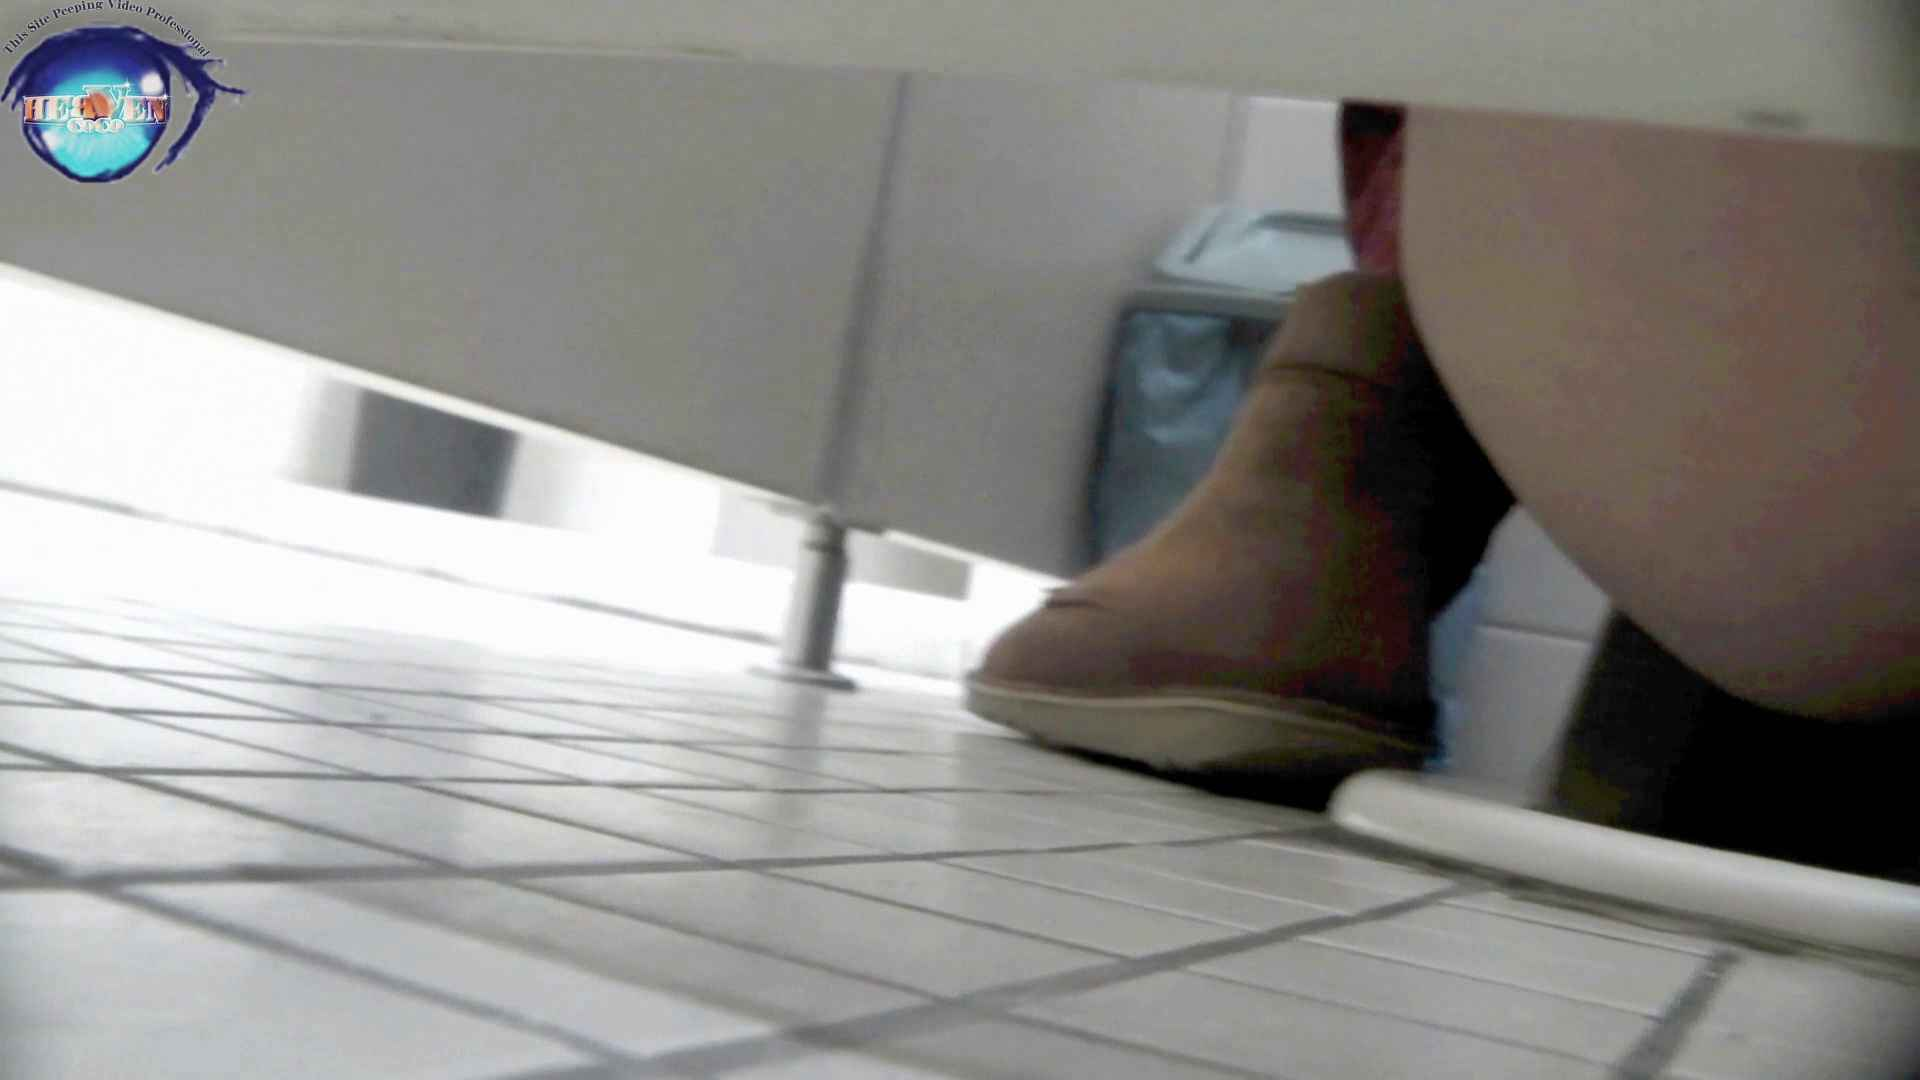 お銀さんの「洗面所突入レポート!!」 vol.65 美女を撮るためにみんなの前に割り込む!!前編 洗面所突入 | 美女丸裸  96pic 94